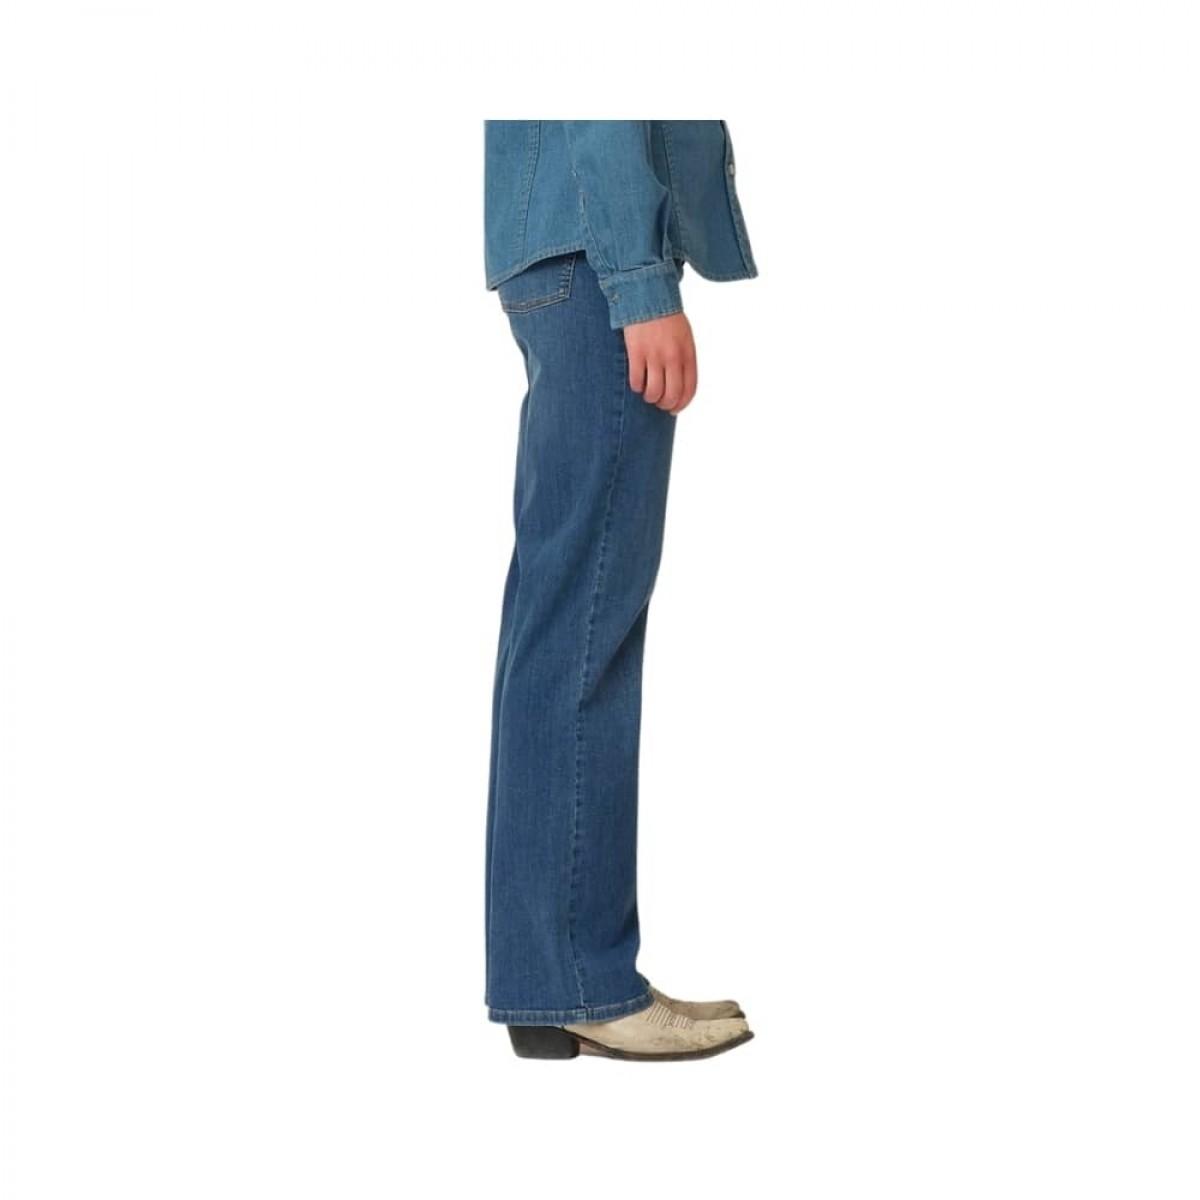 brown straight jeans - denim blue - model fra siden